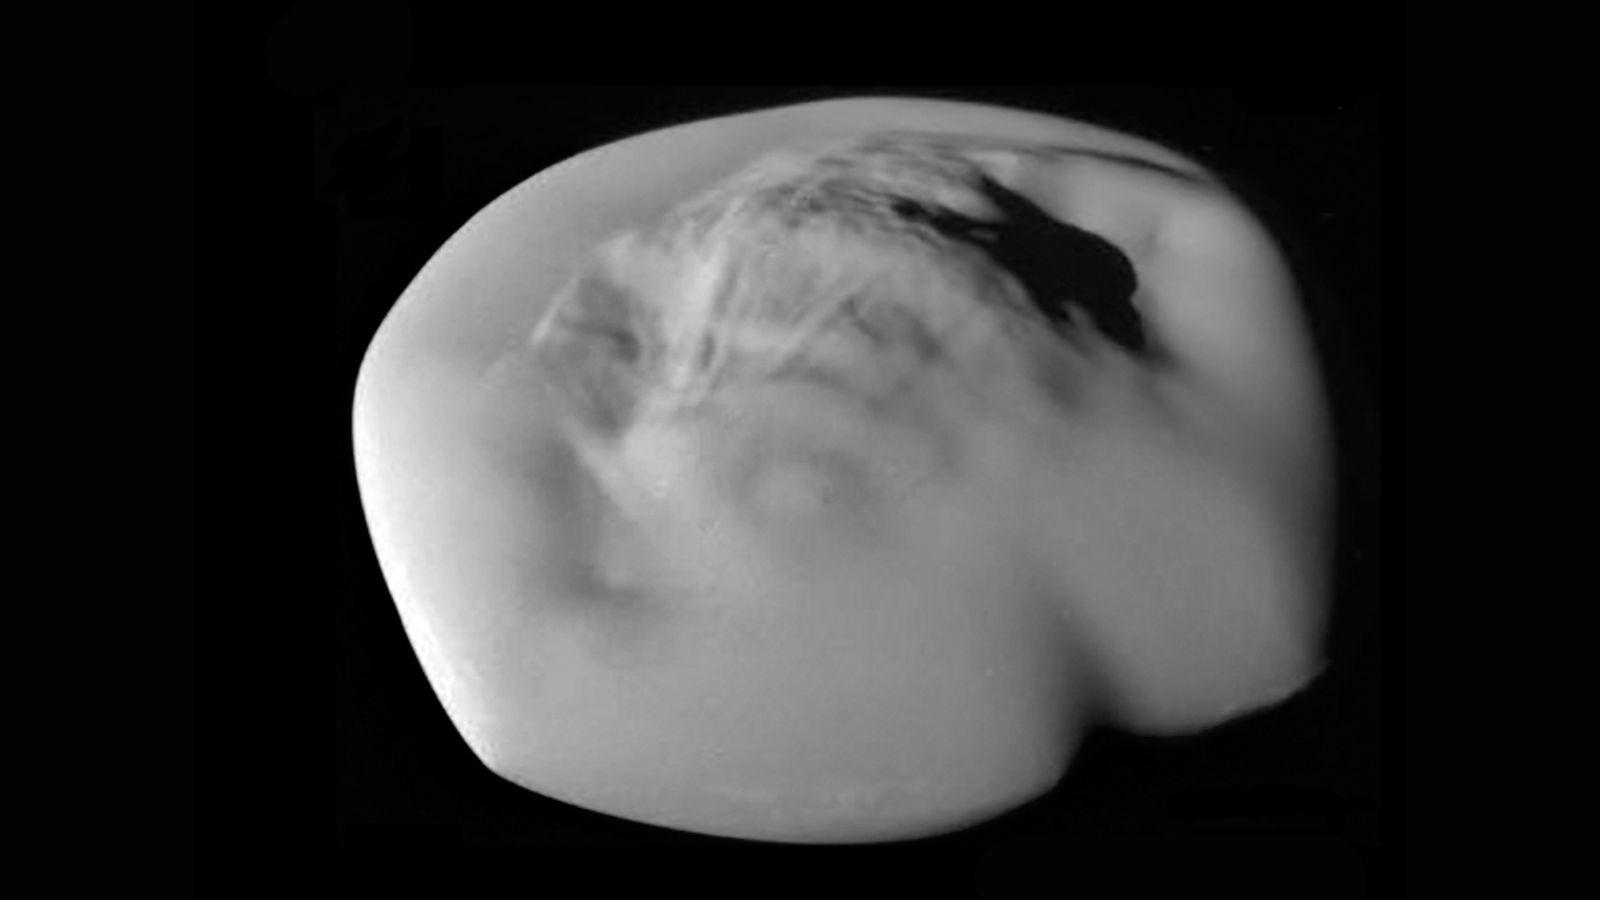 ВNASA пояснили, почему спутники Сатурна имеют форму пельменей